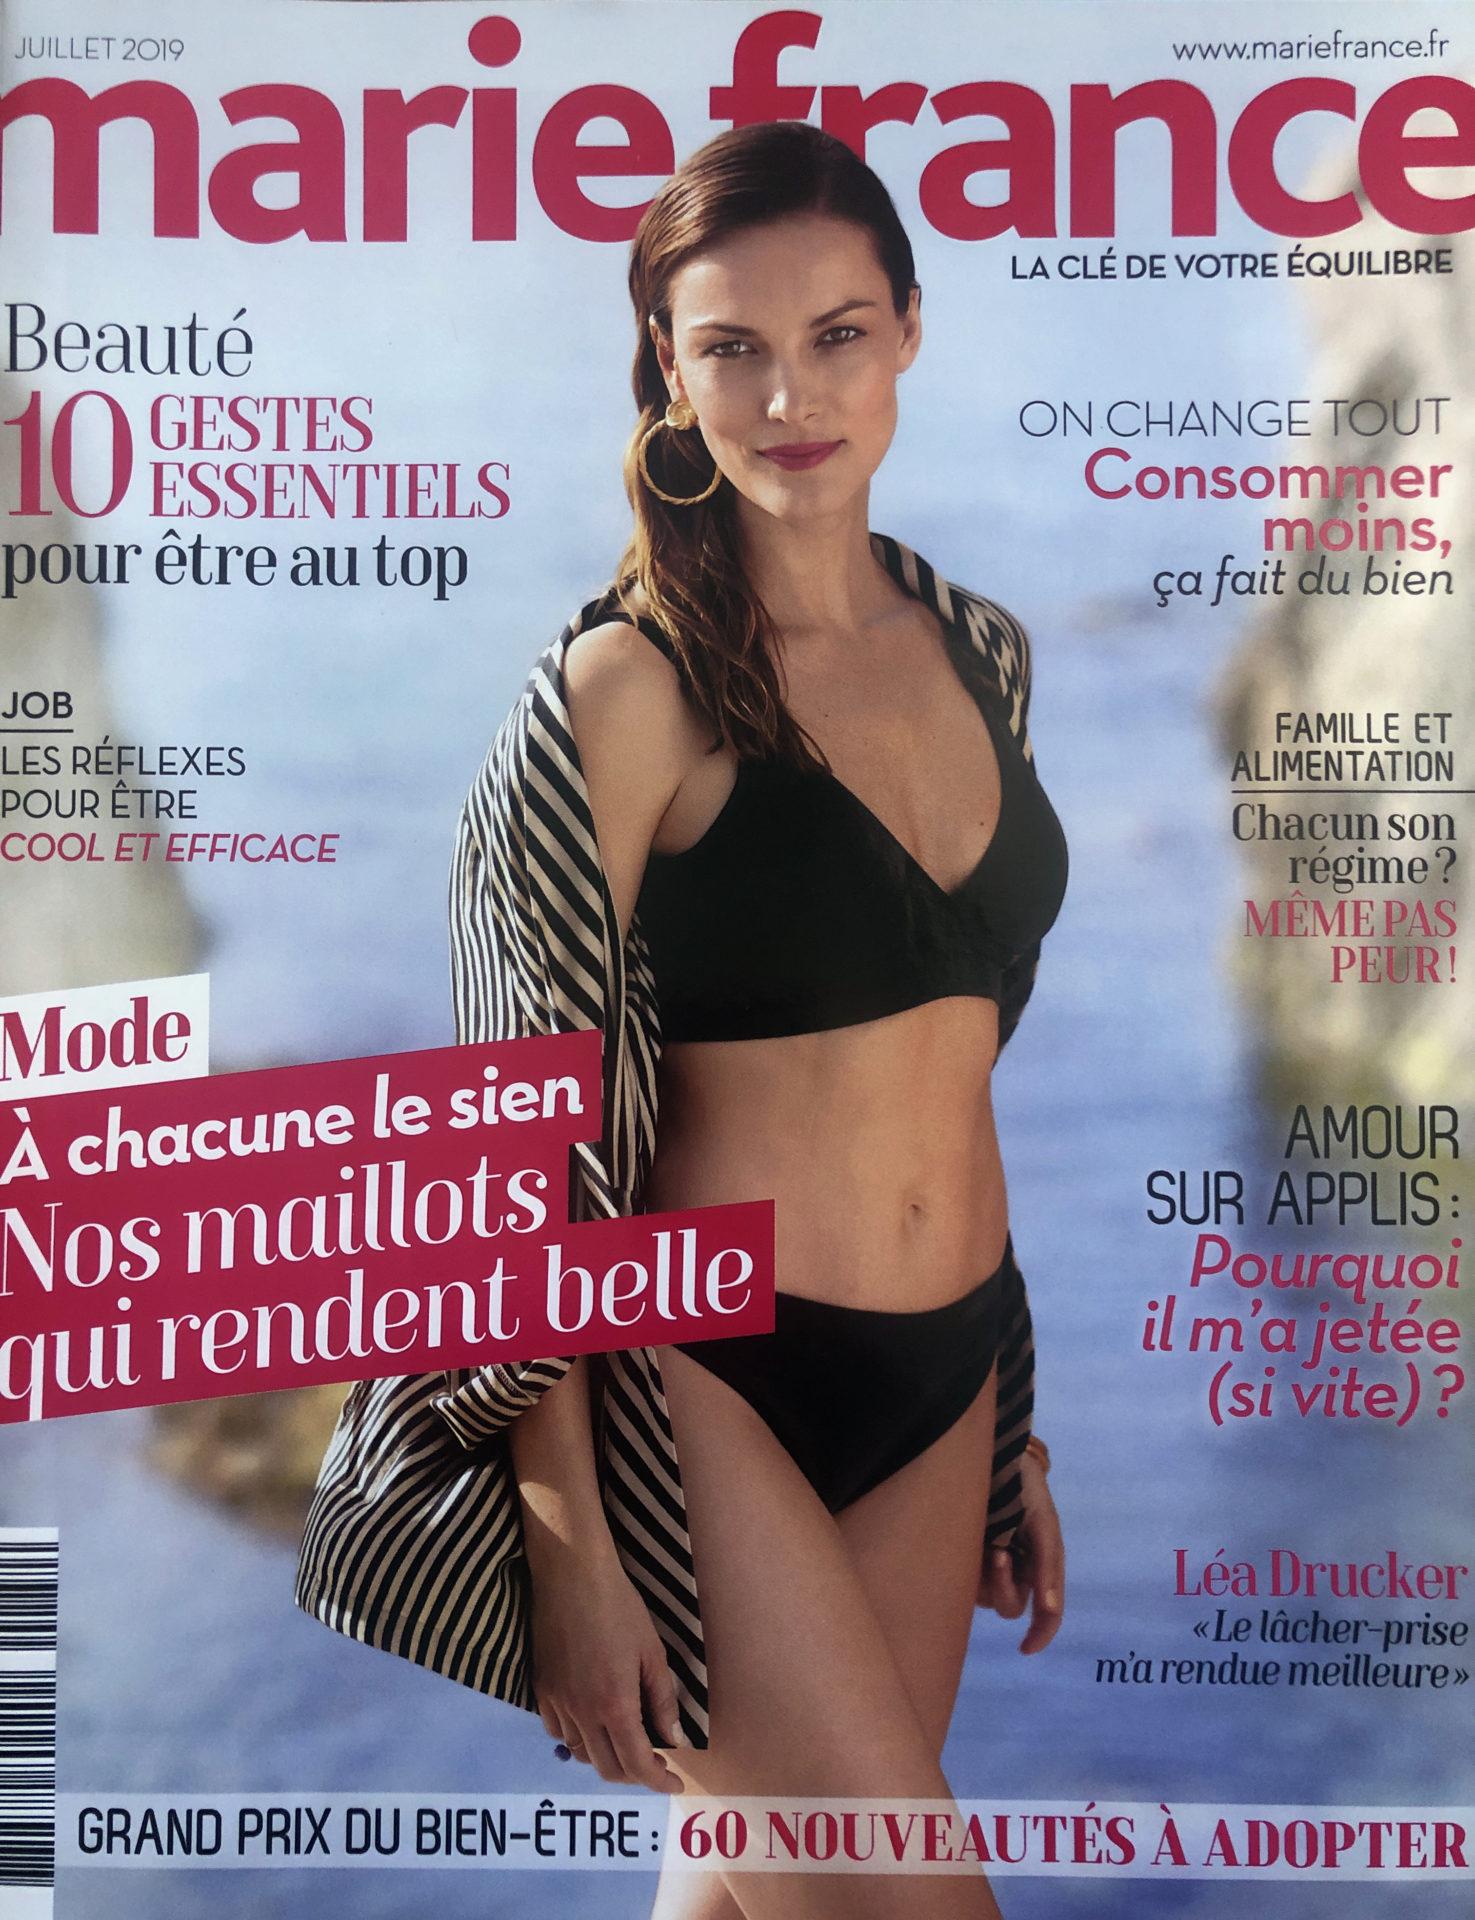 Publication dans Marie France juillet 2019